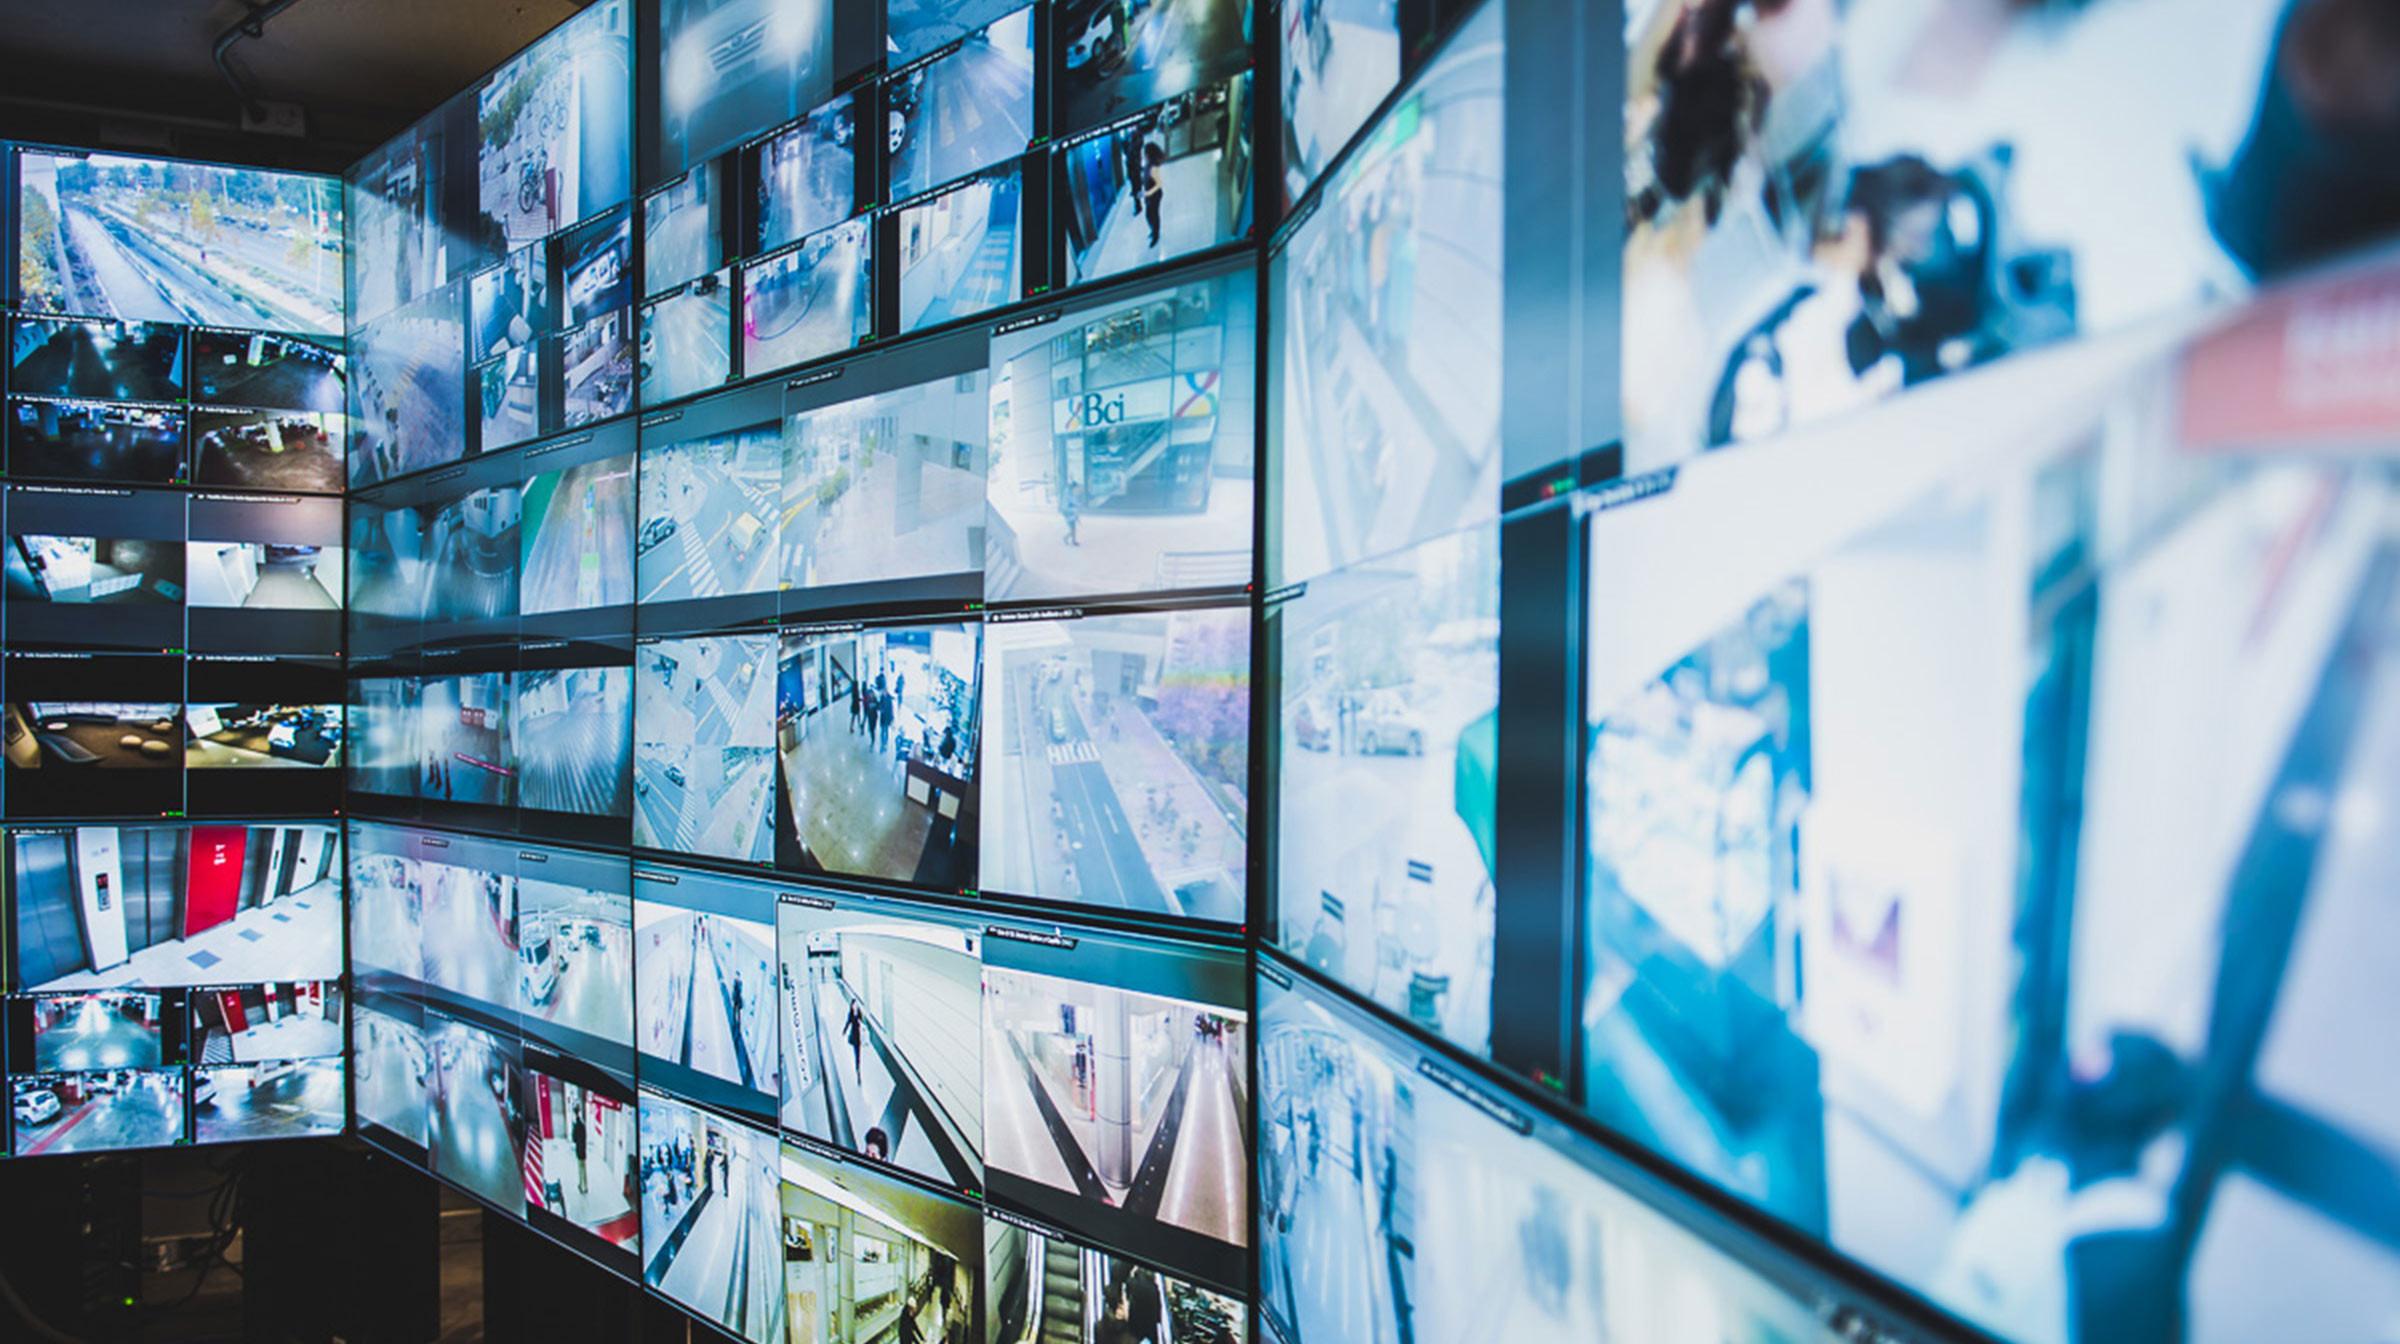 Foco en Videocorp, empresa que implementa soluciones de seguridad digital en épocas de coronavirus